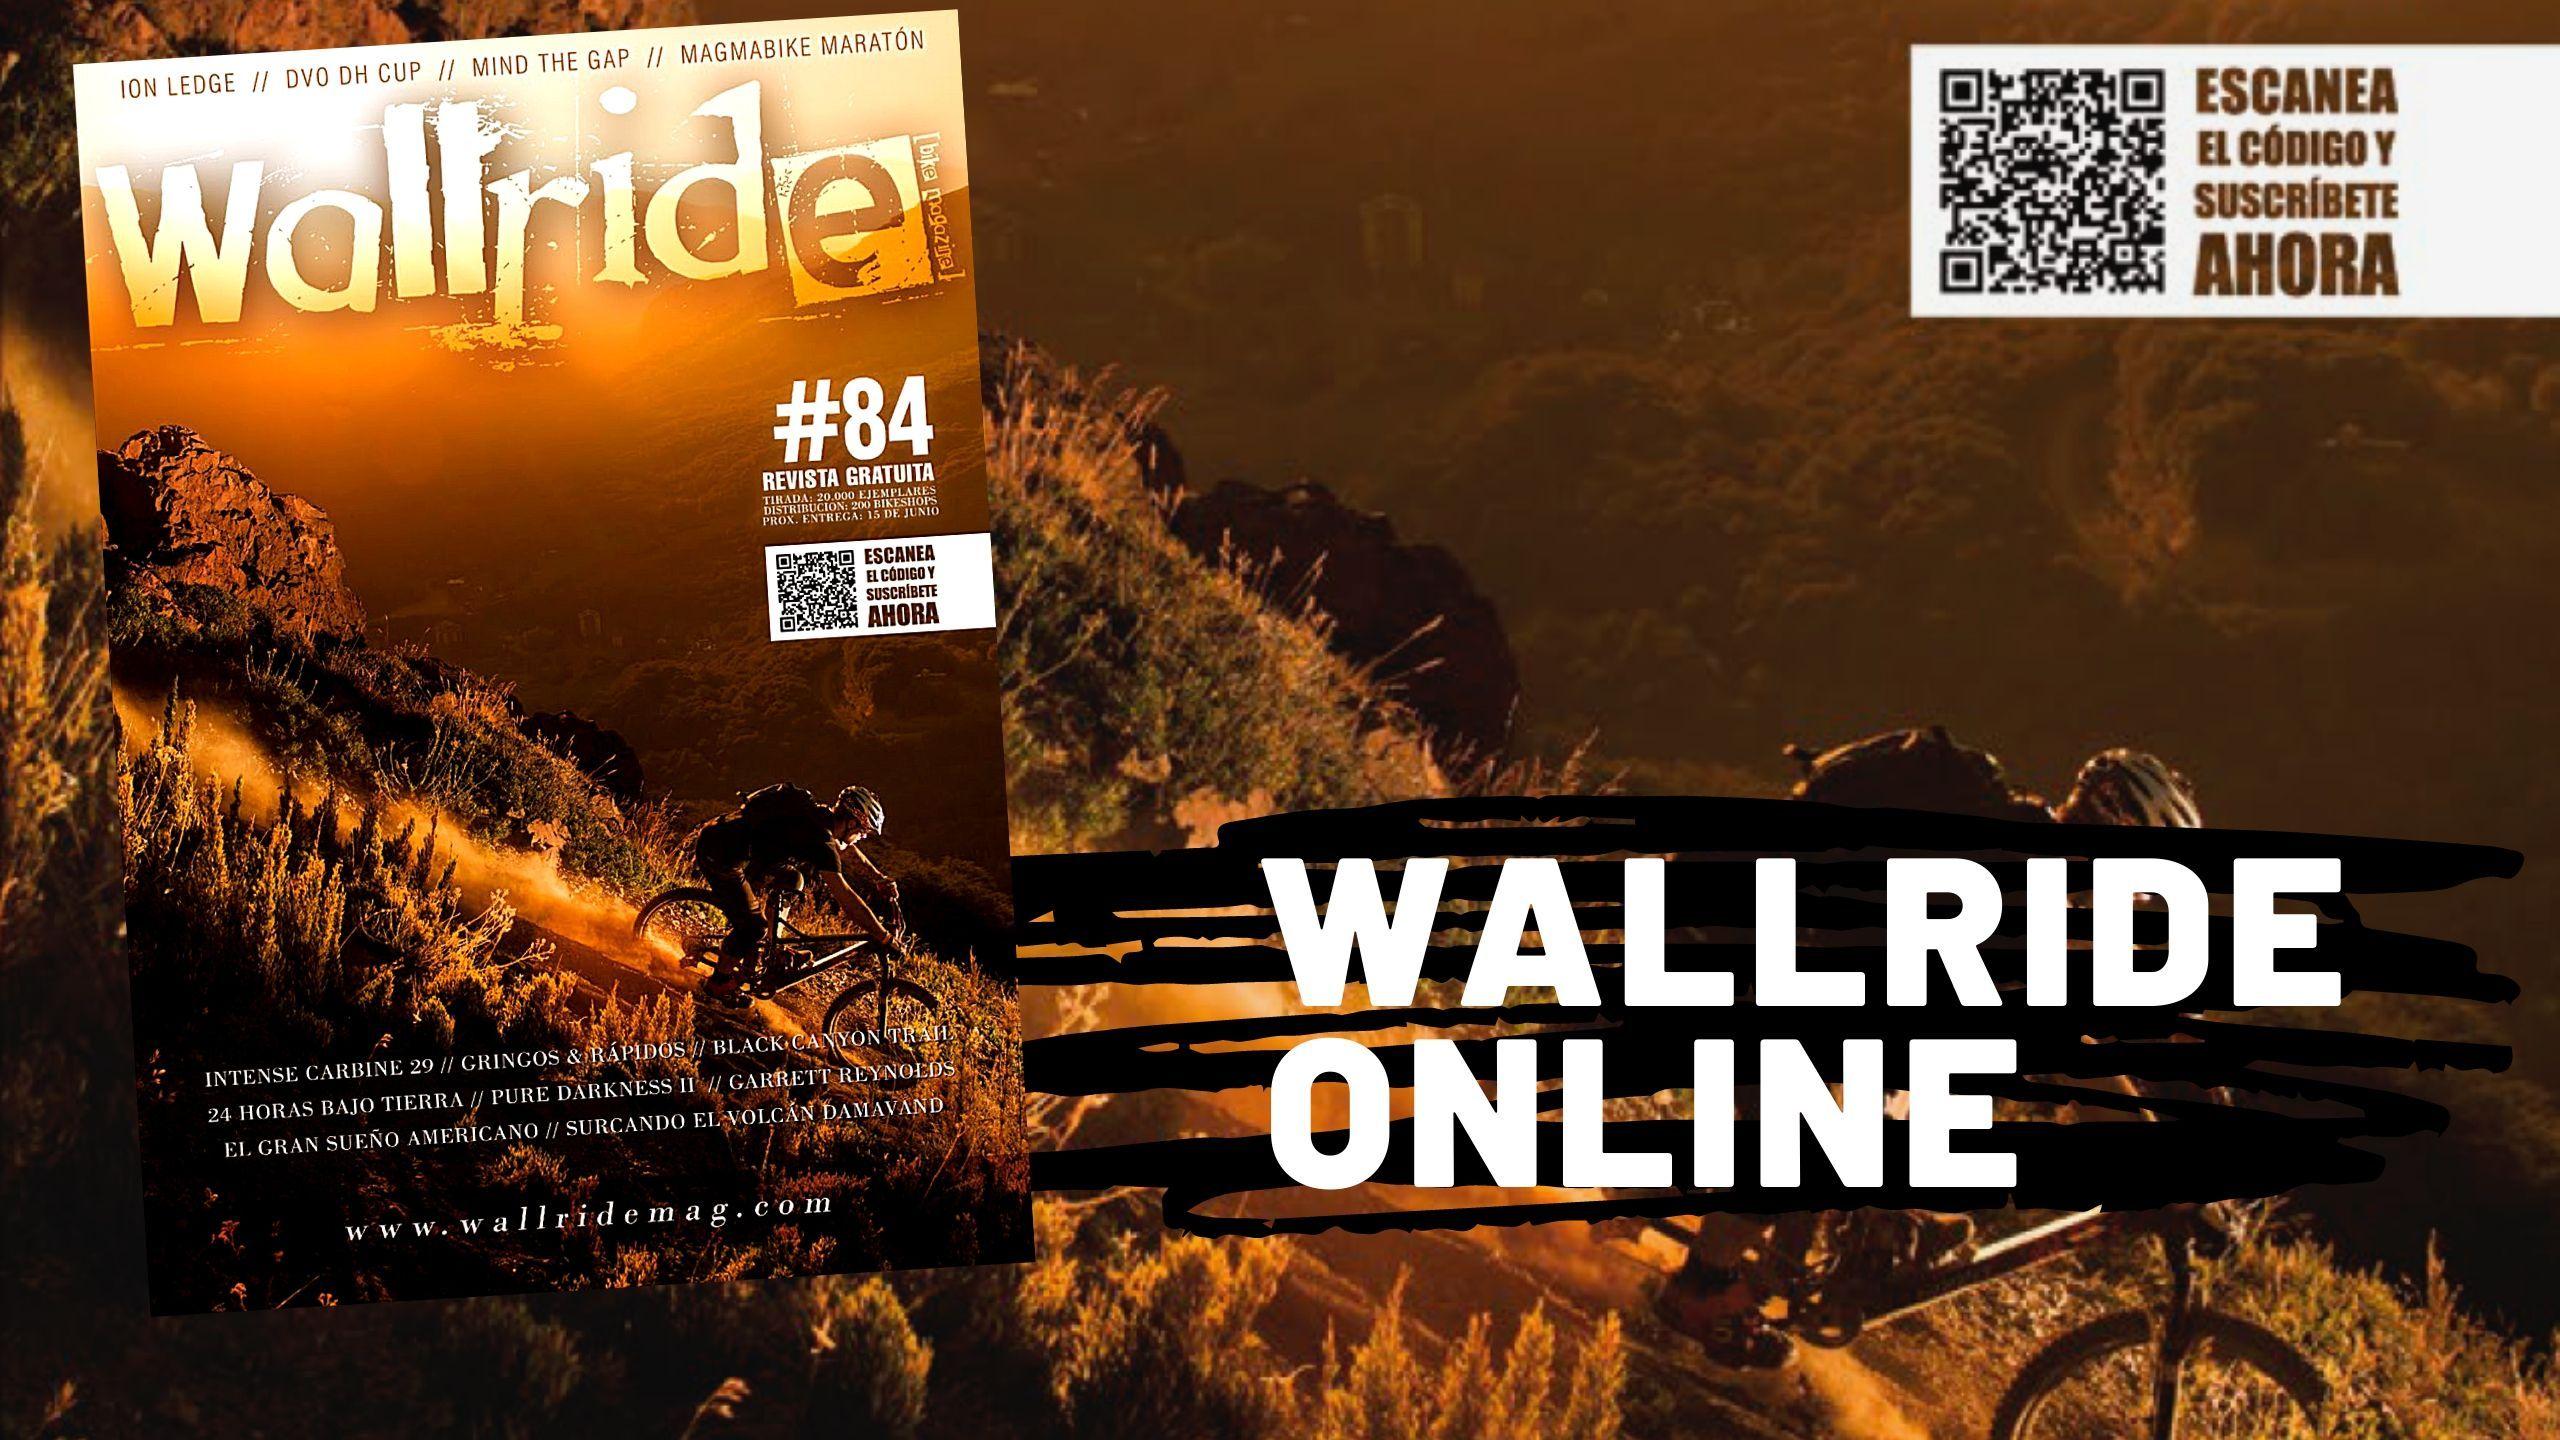 Wallride 84